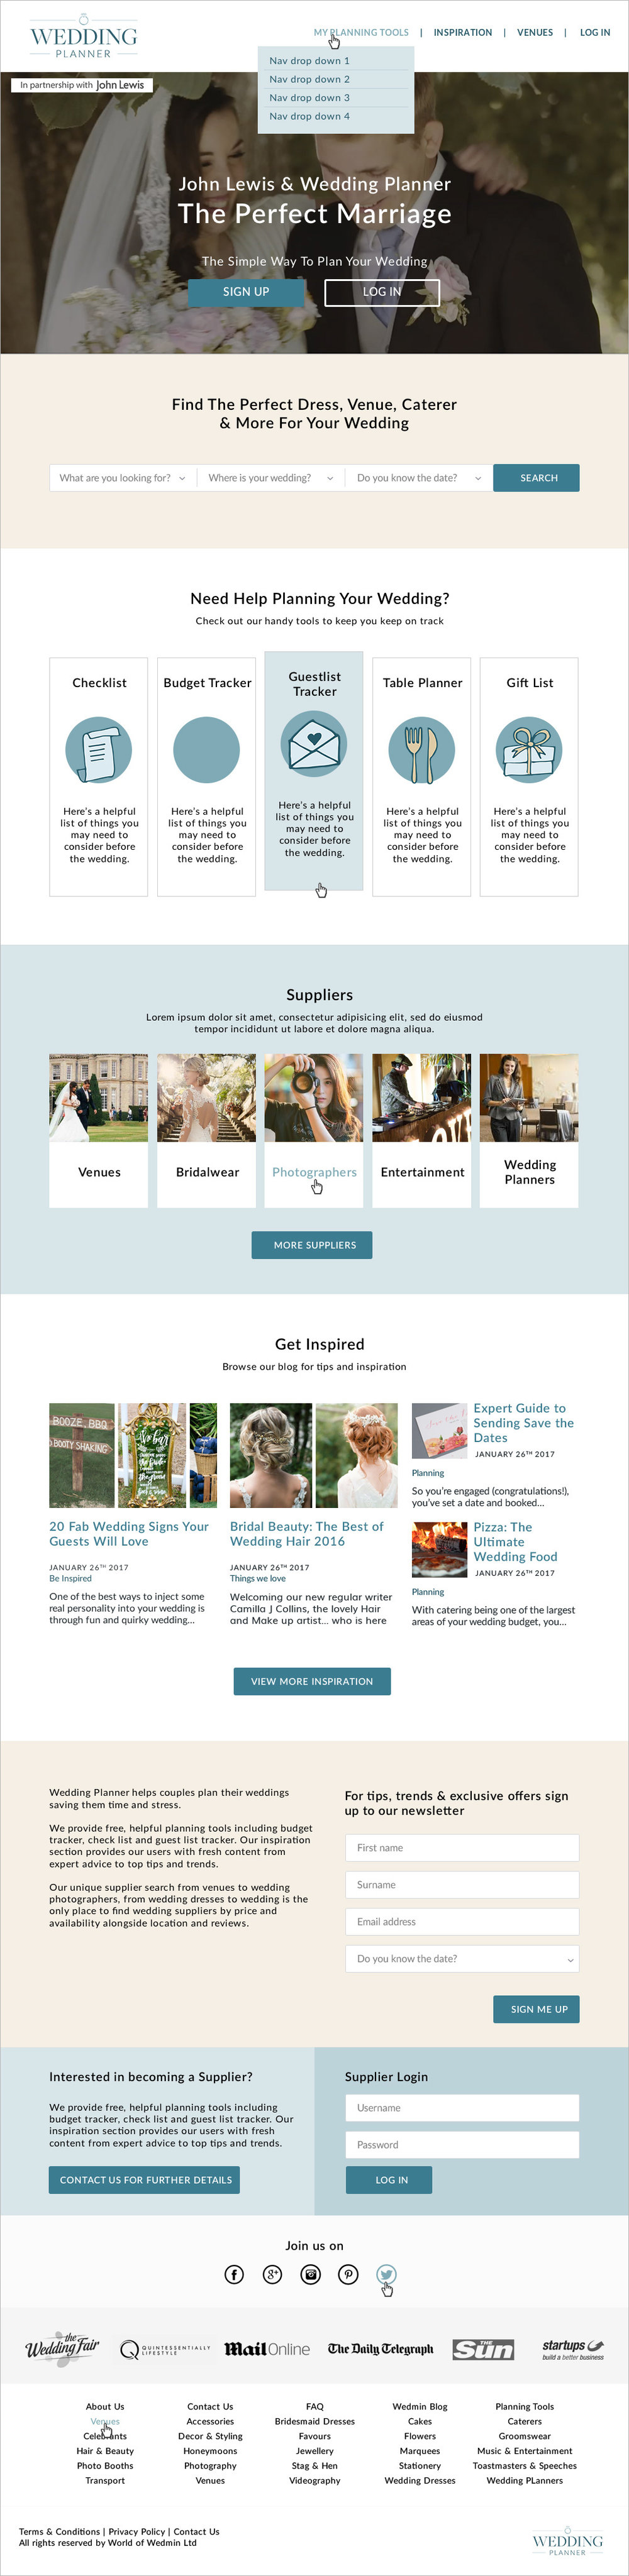 Krishna Solanki Designs - WeddingPlanner Homepage Redesign